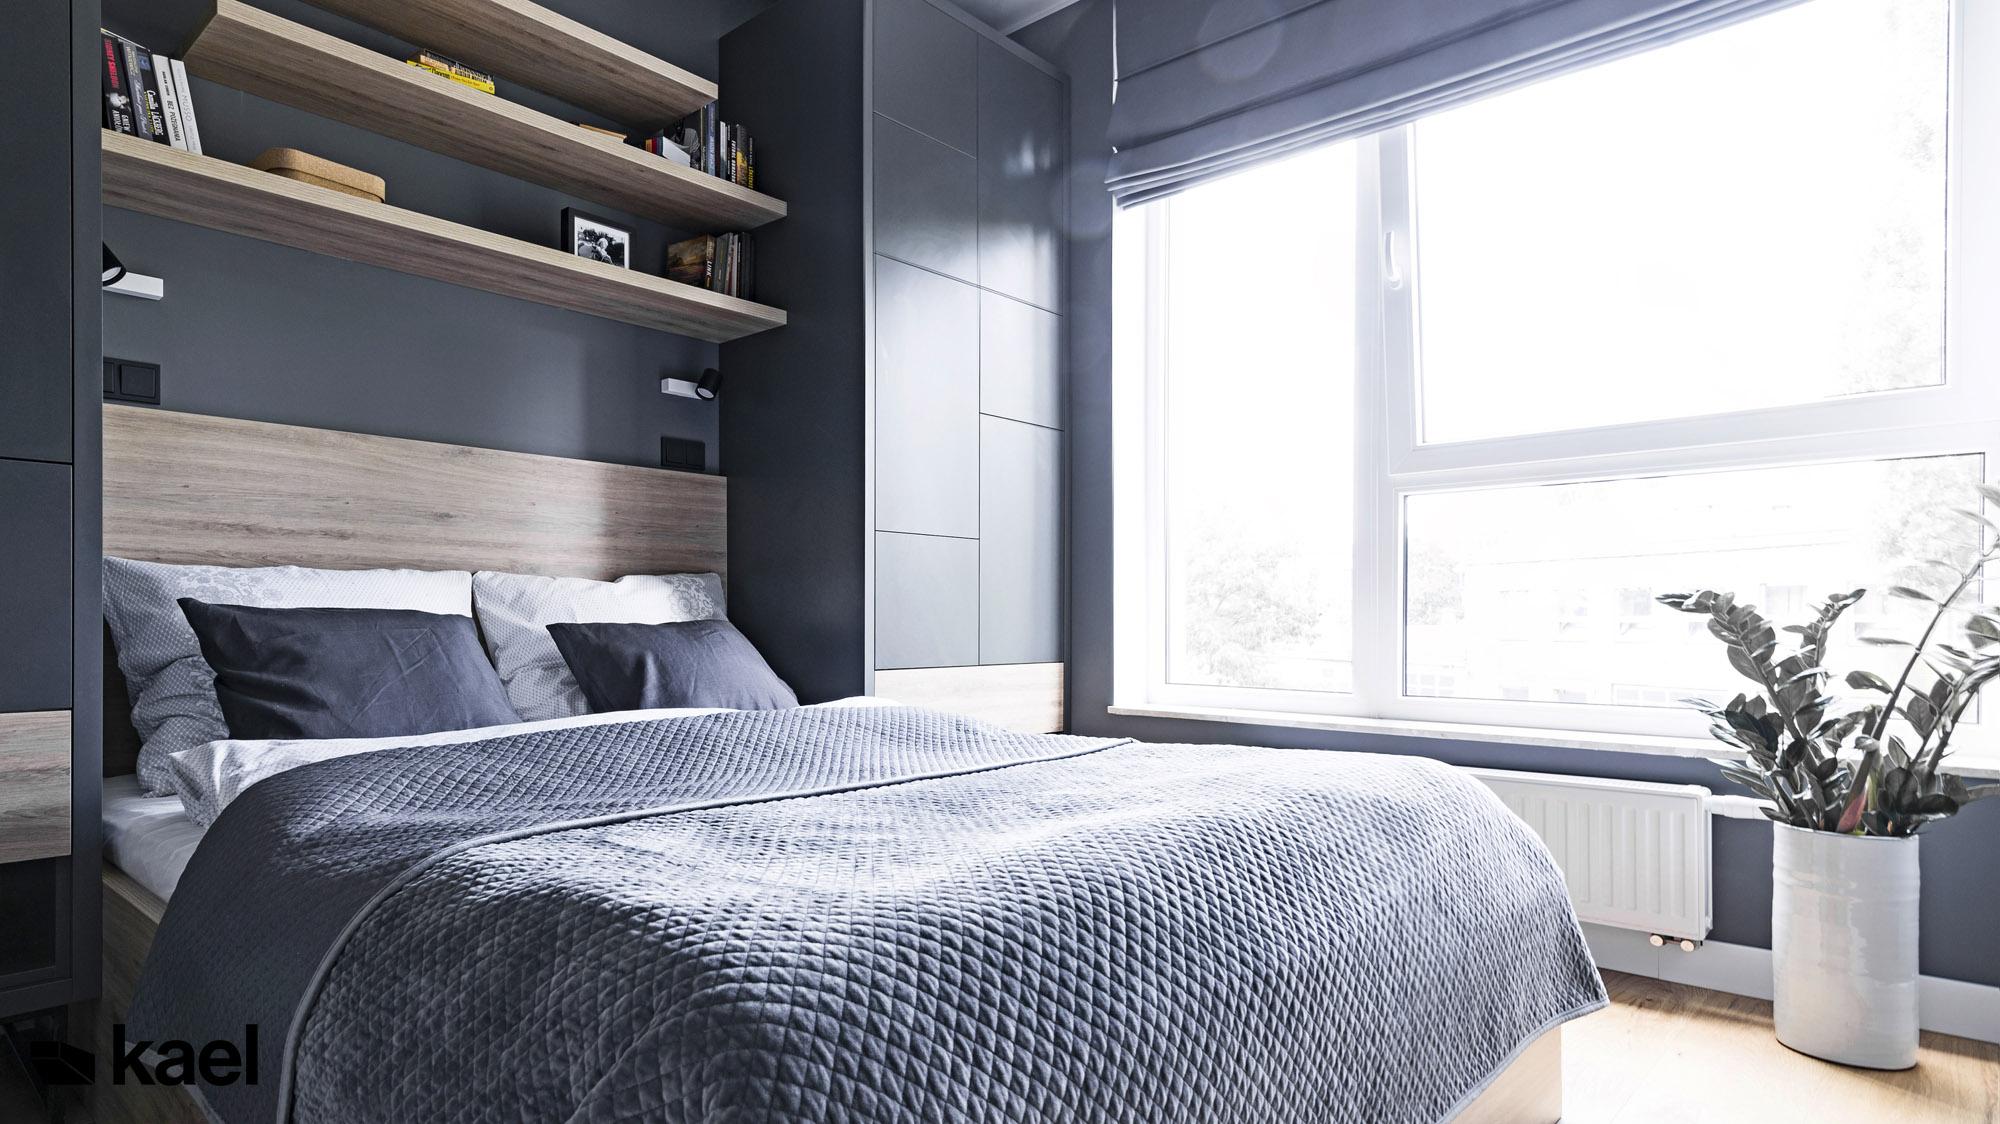 Łóżko w sypialni.